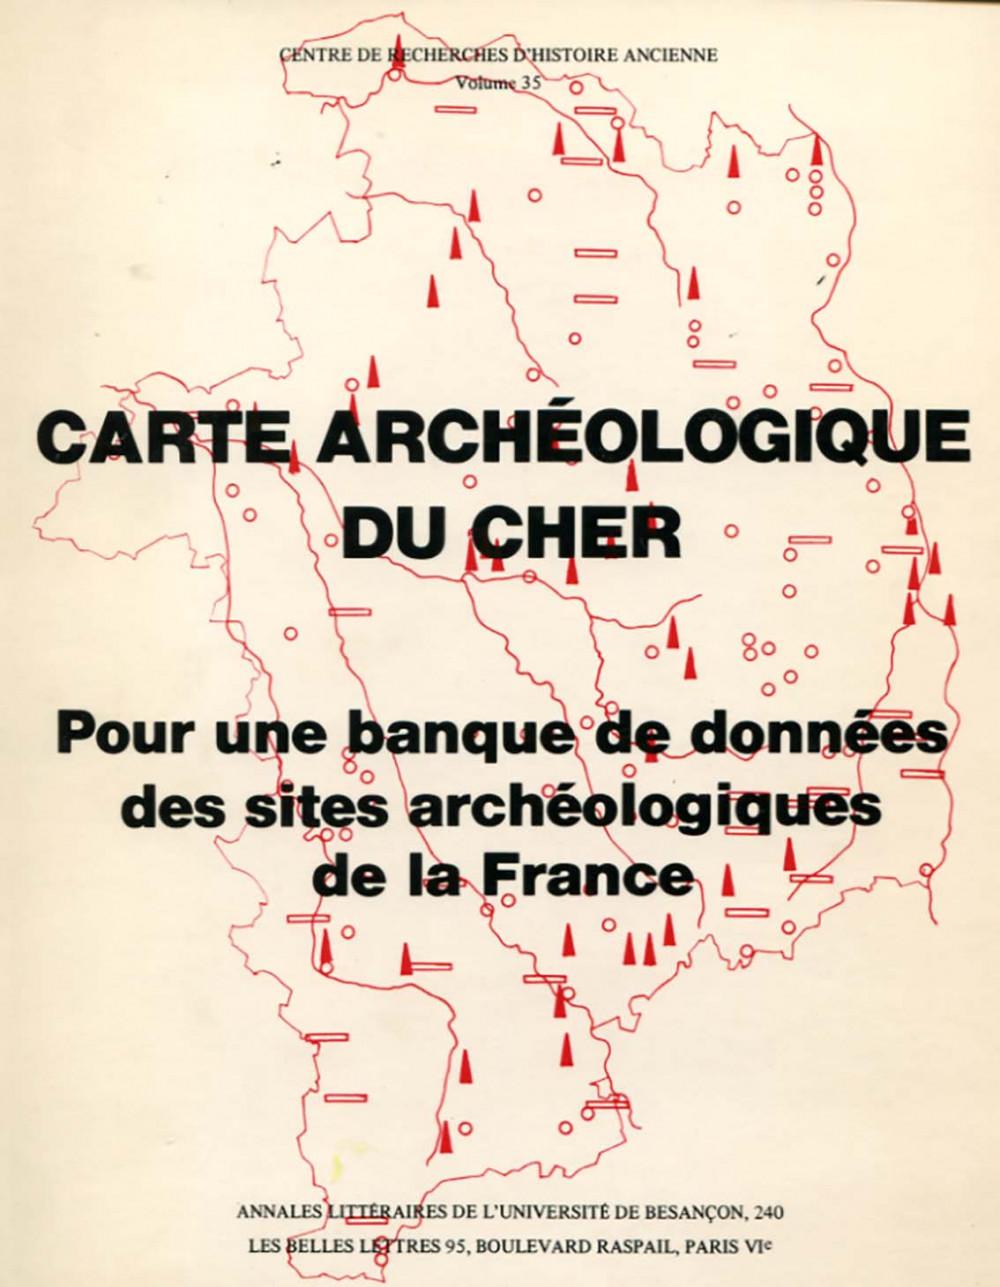 Carte archéologique du Cher